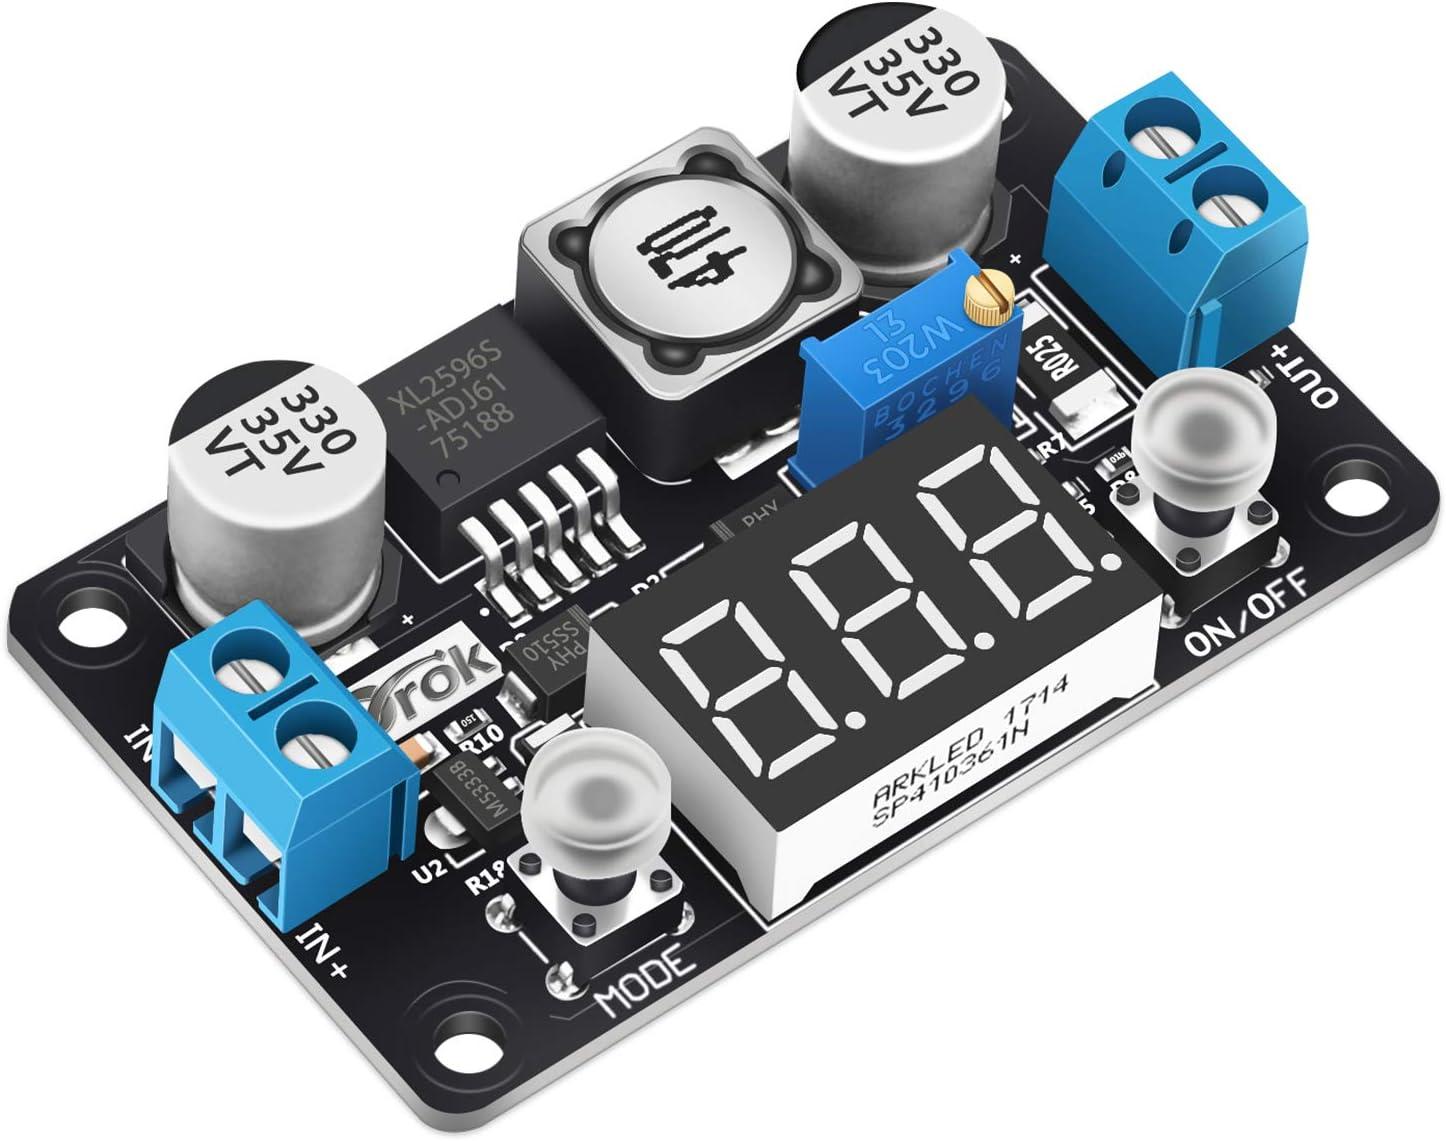 DROK LM2596HV Voltage Regulator DC Buck Converter 4.5-55V to 1.25-30V Adjustable Step Down Variable Volt Power Supply Stabilizers